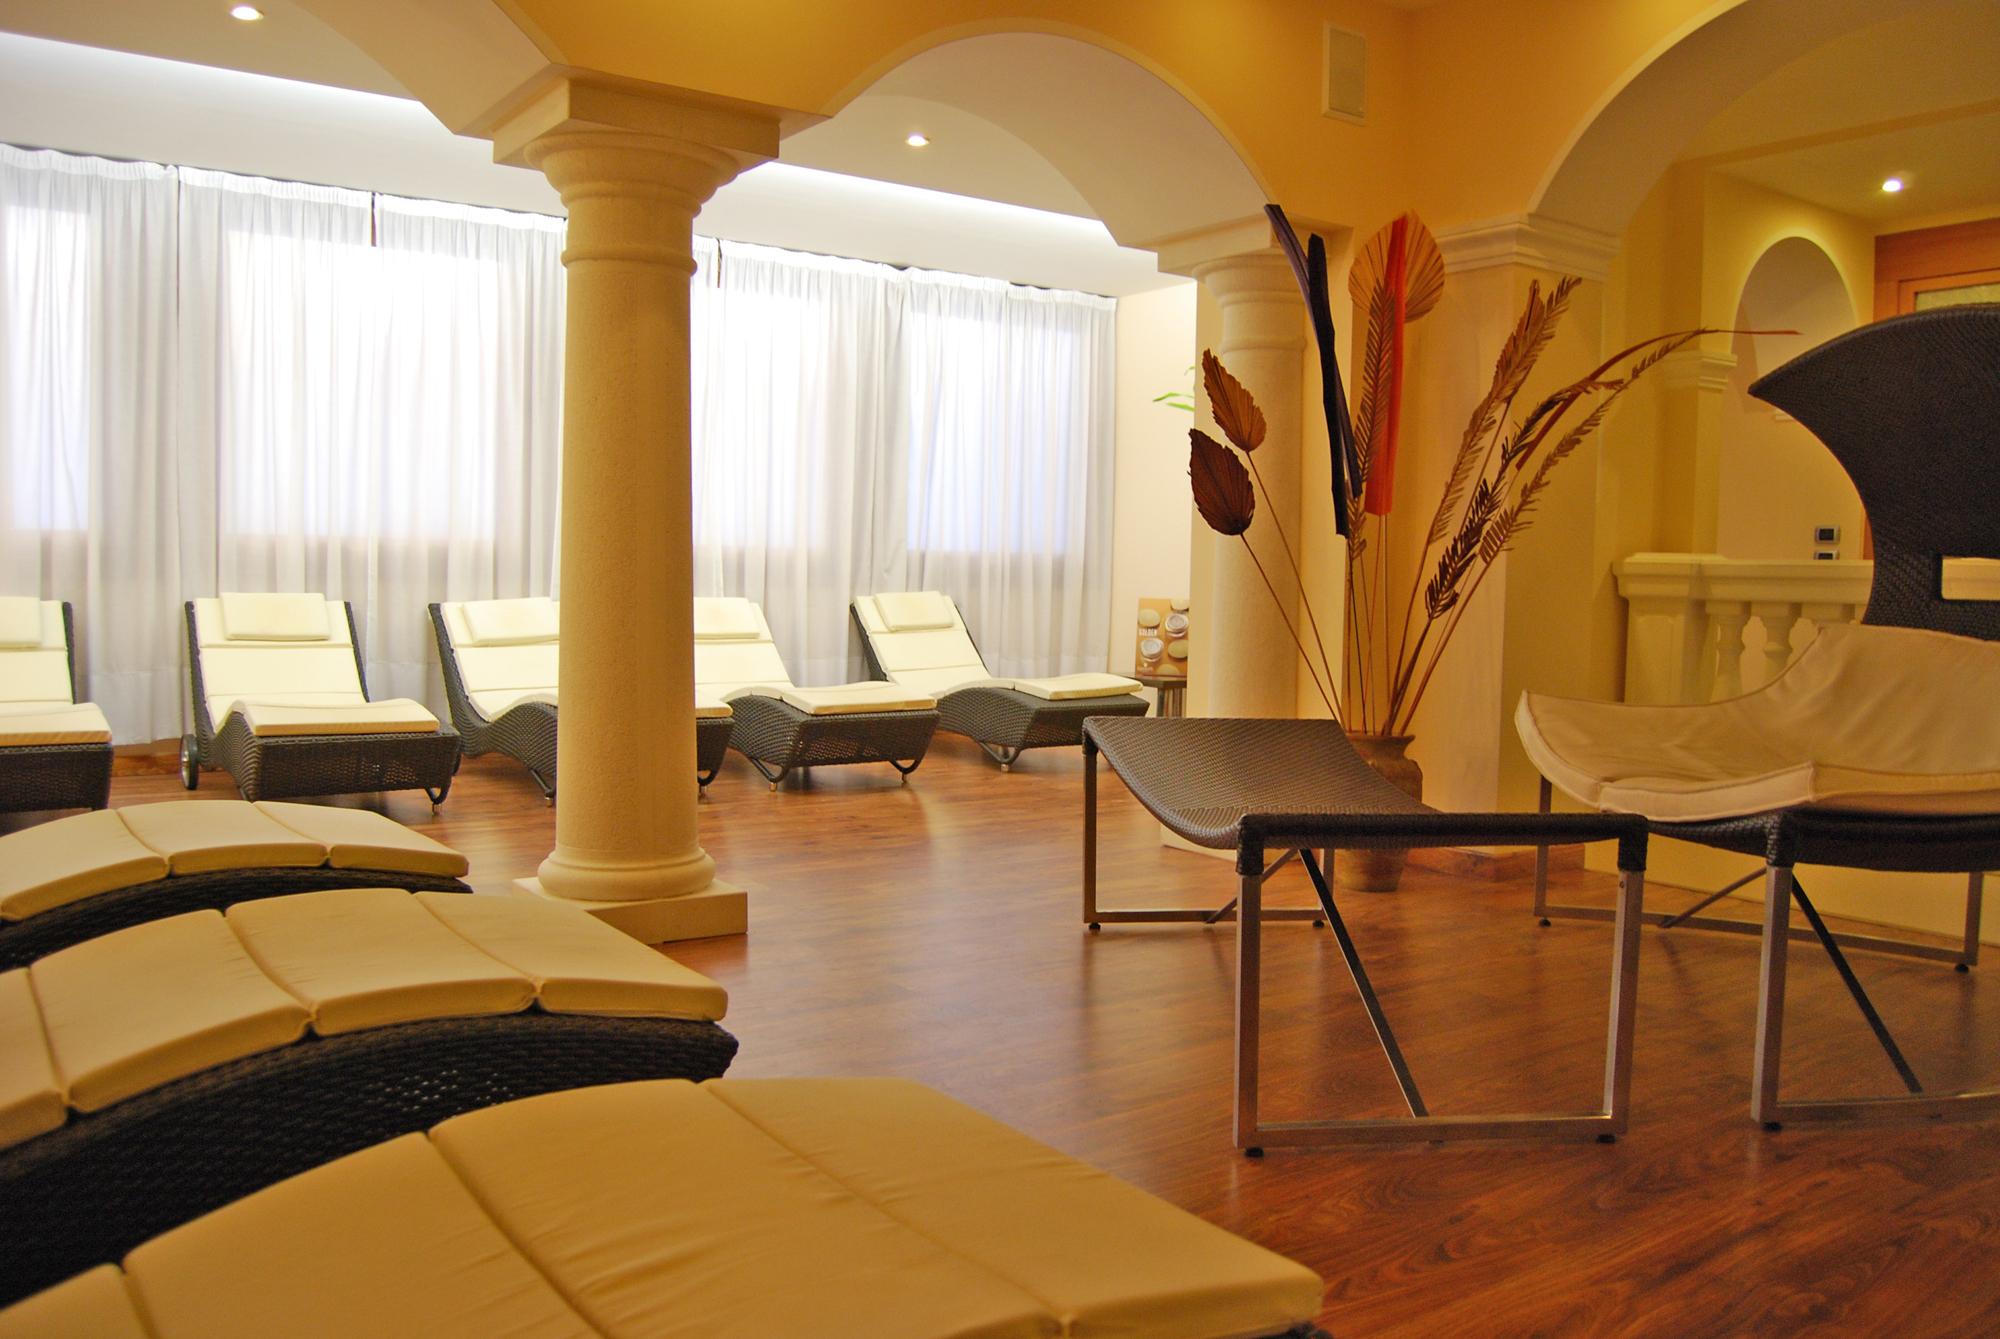 Hotel Bel Soggiorno**** - Toscolano Maderno - Lago di Garda - Consultour